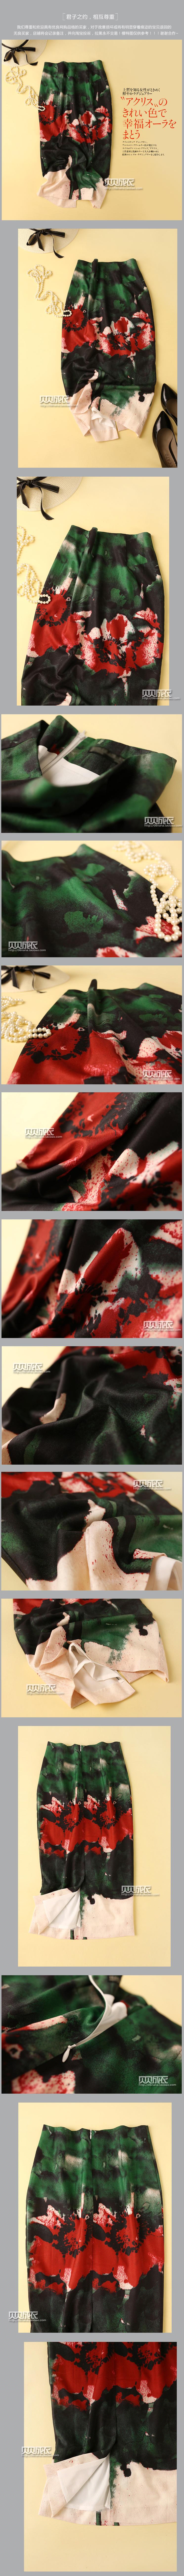 绿野仙踪印花长裙直筒裙2015夏季新款显瘦鱼尾裙半身裙西装裙女